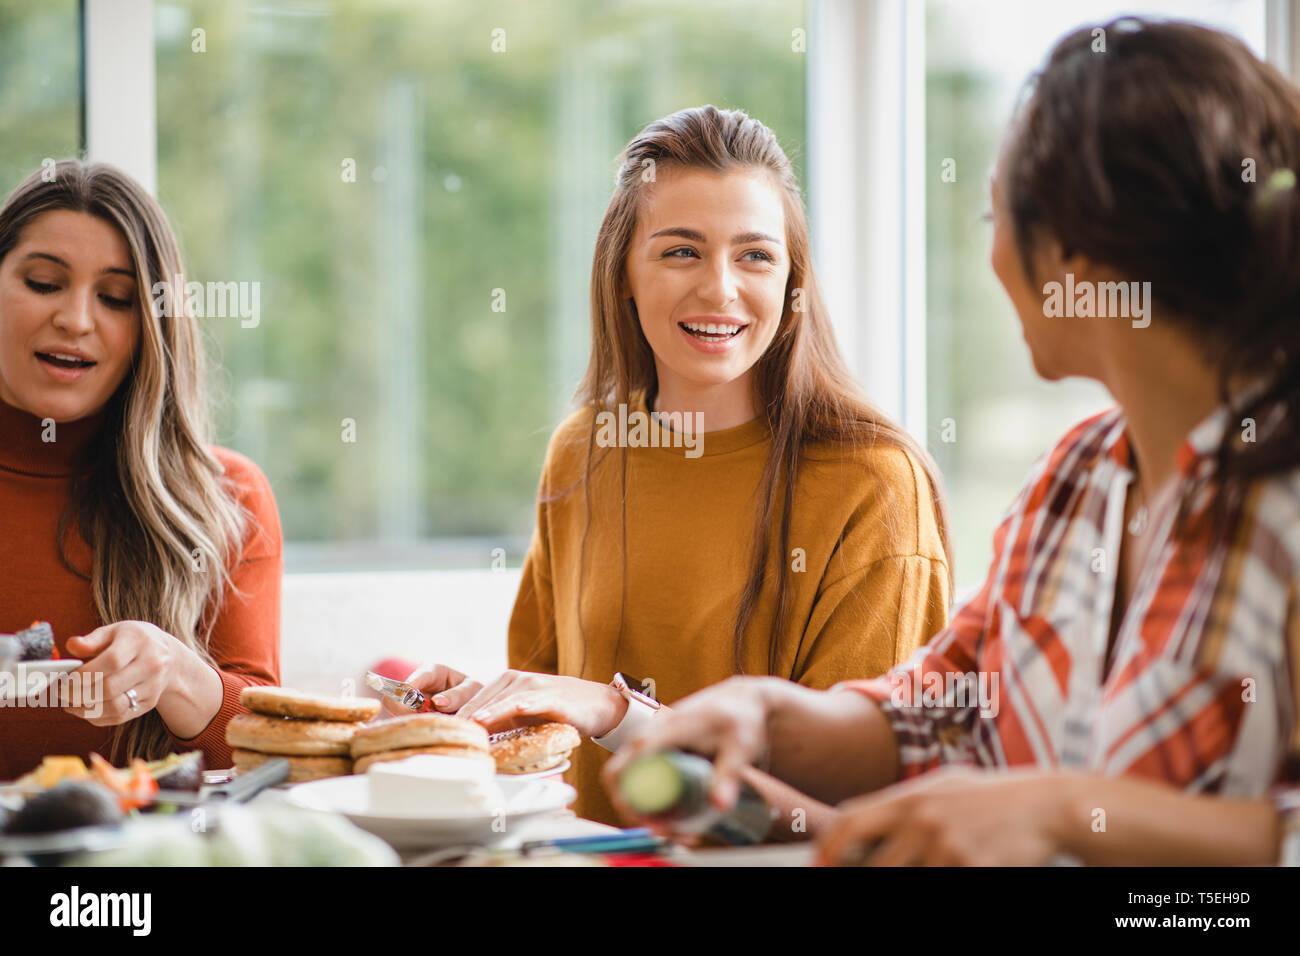 Las mujeres adultas jóvenes hablando con su amigo, mientras que con un almuerzo saludable. Están sentados dentro de un conservatorio, divirtiéndose. Foto de stock